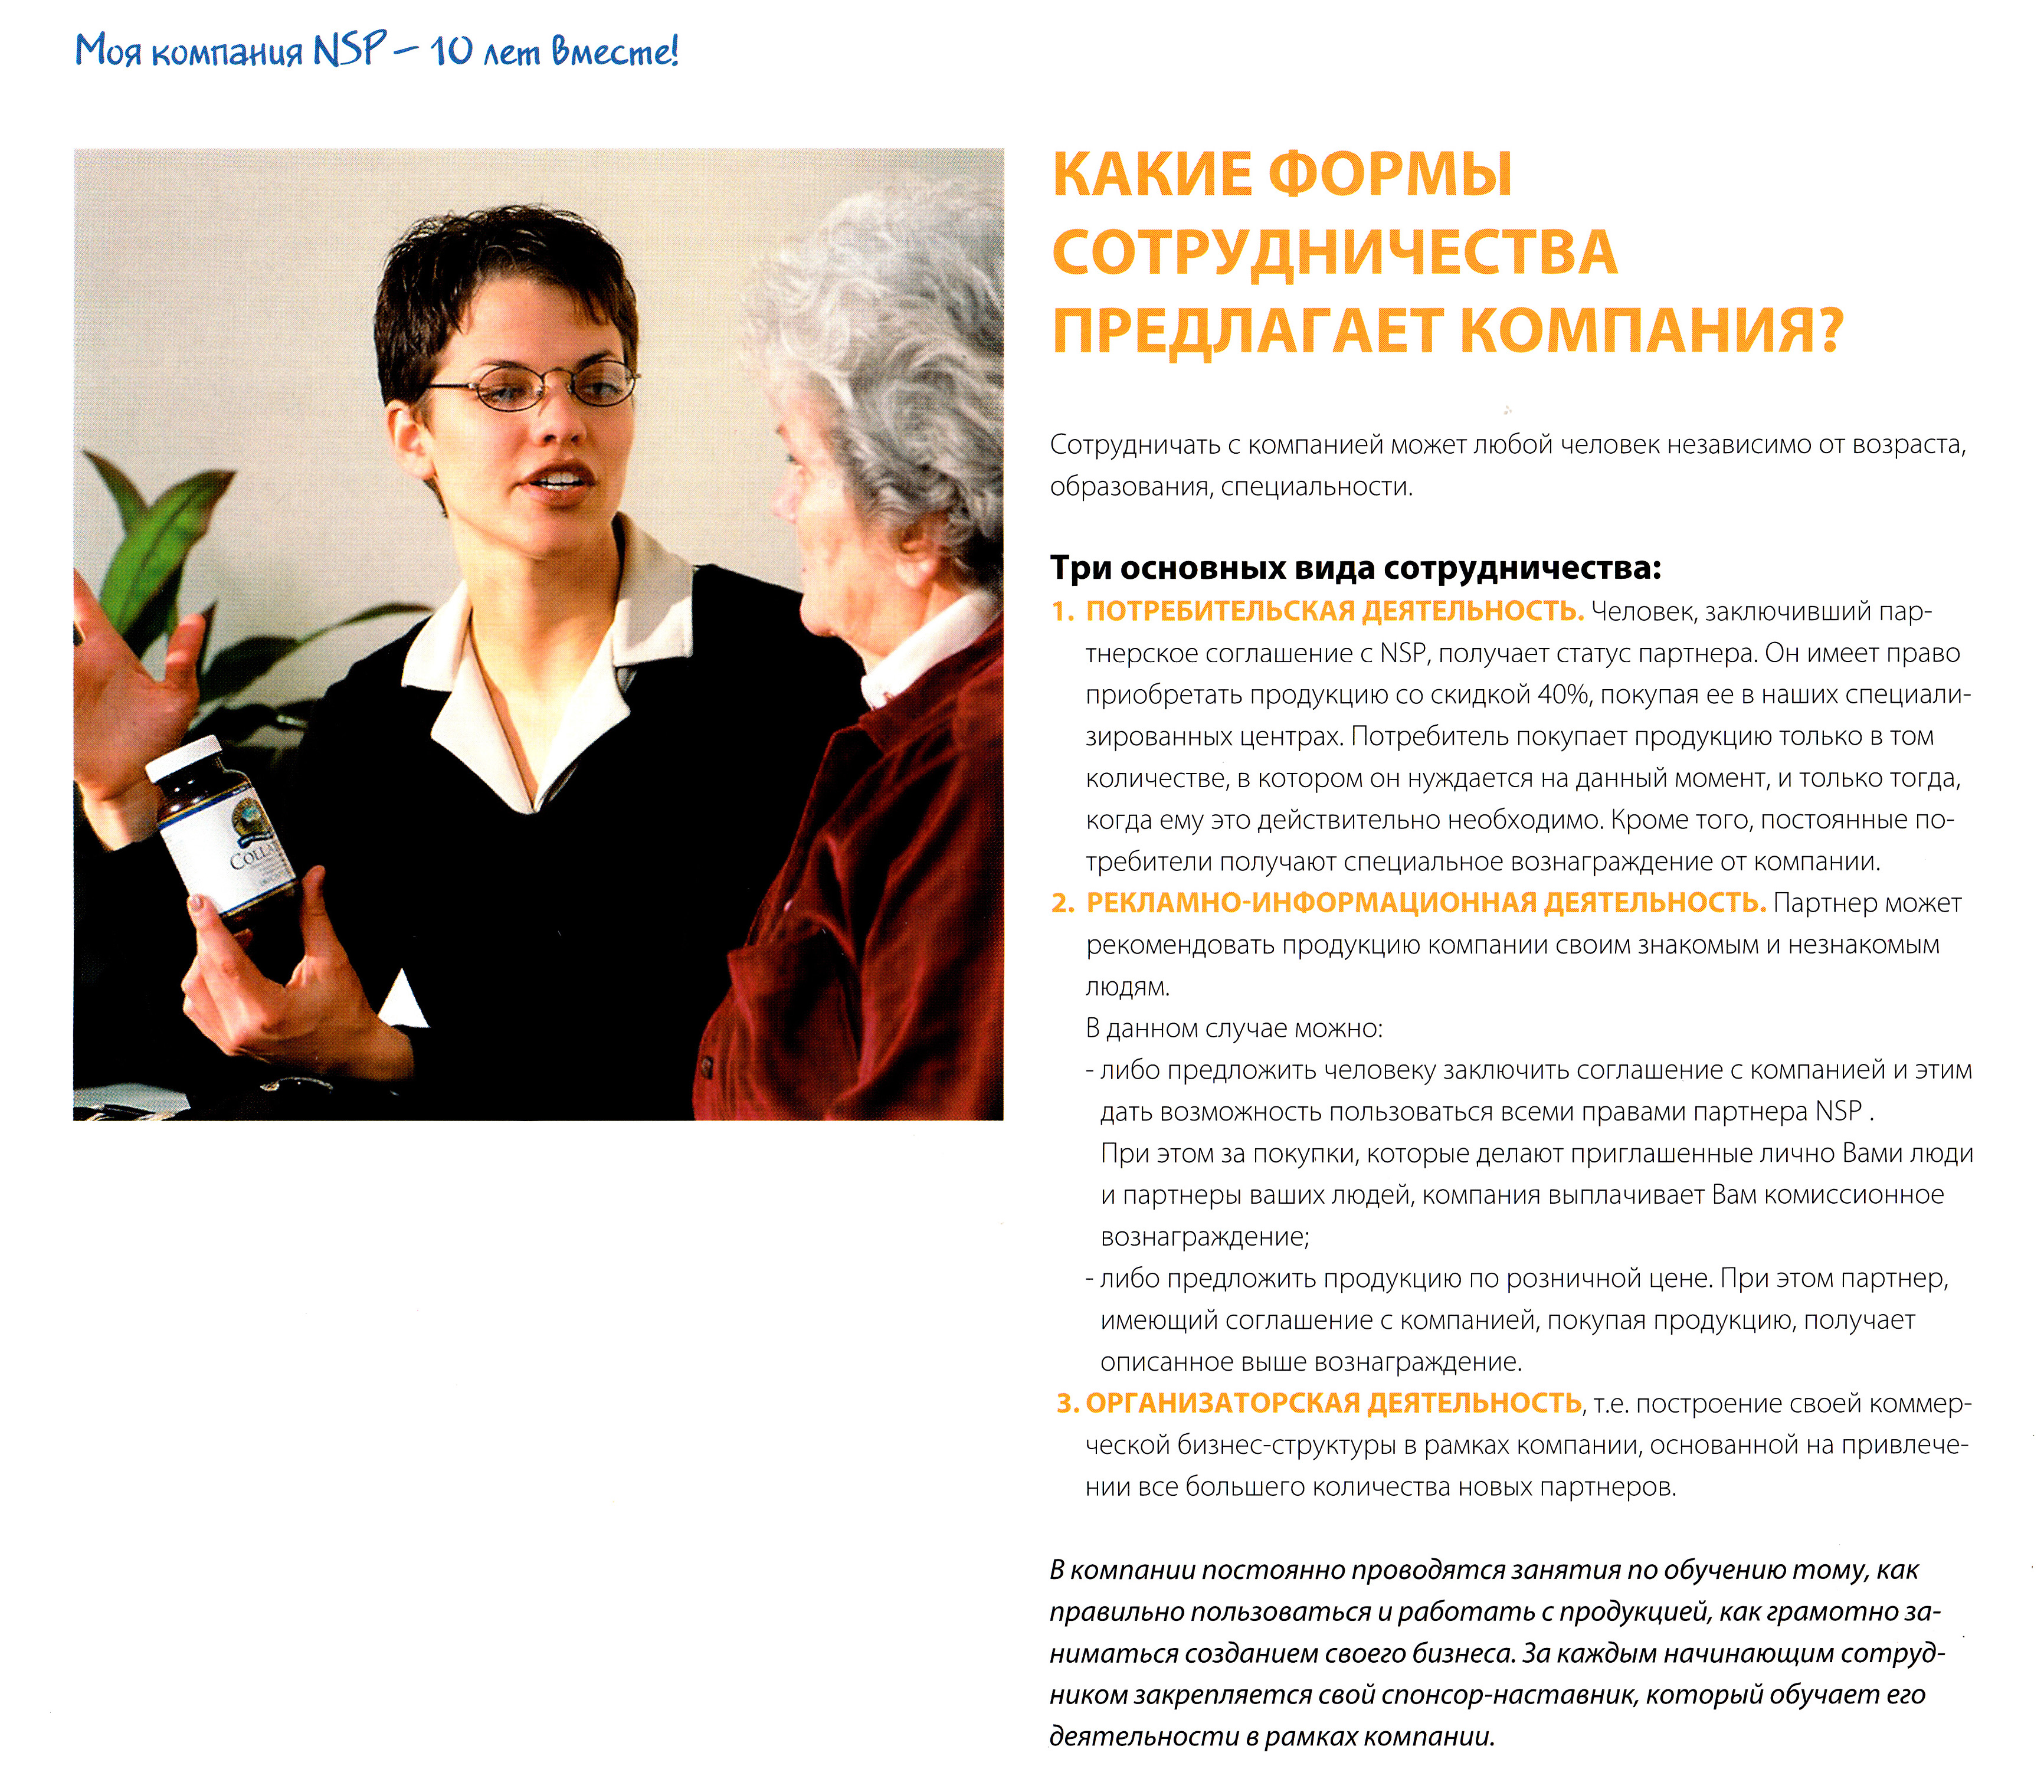 Формы сотрудничества в компании NSP